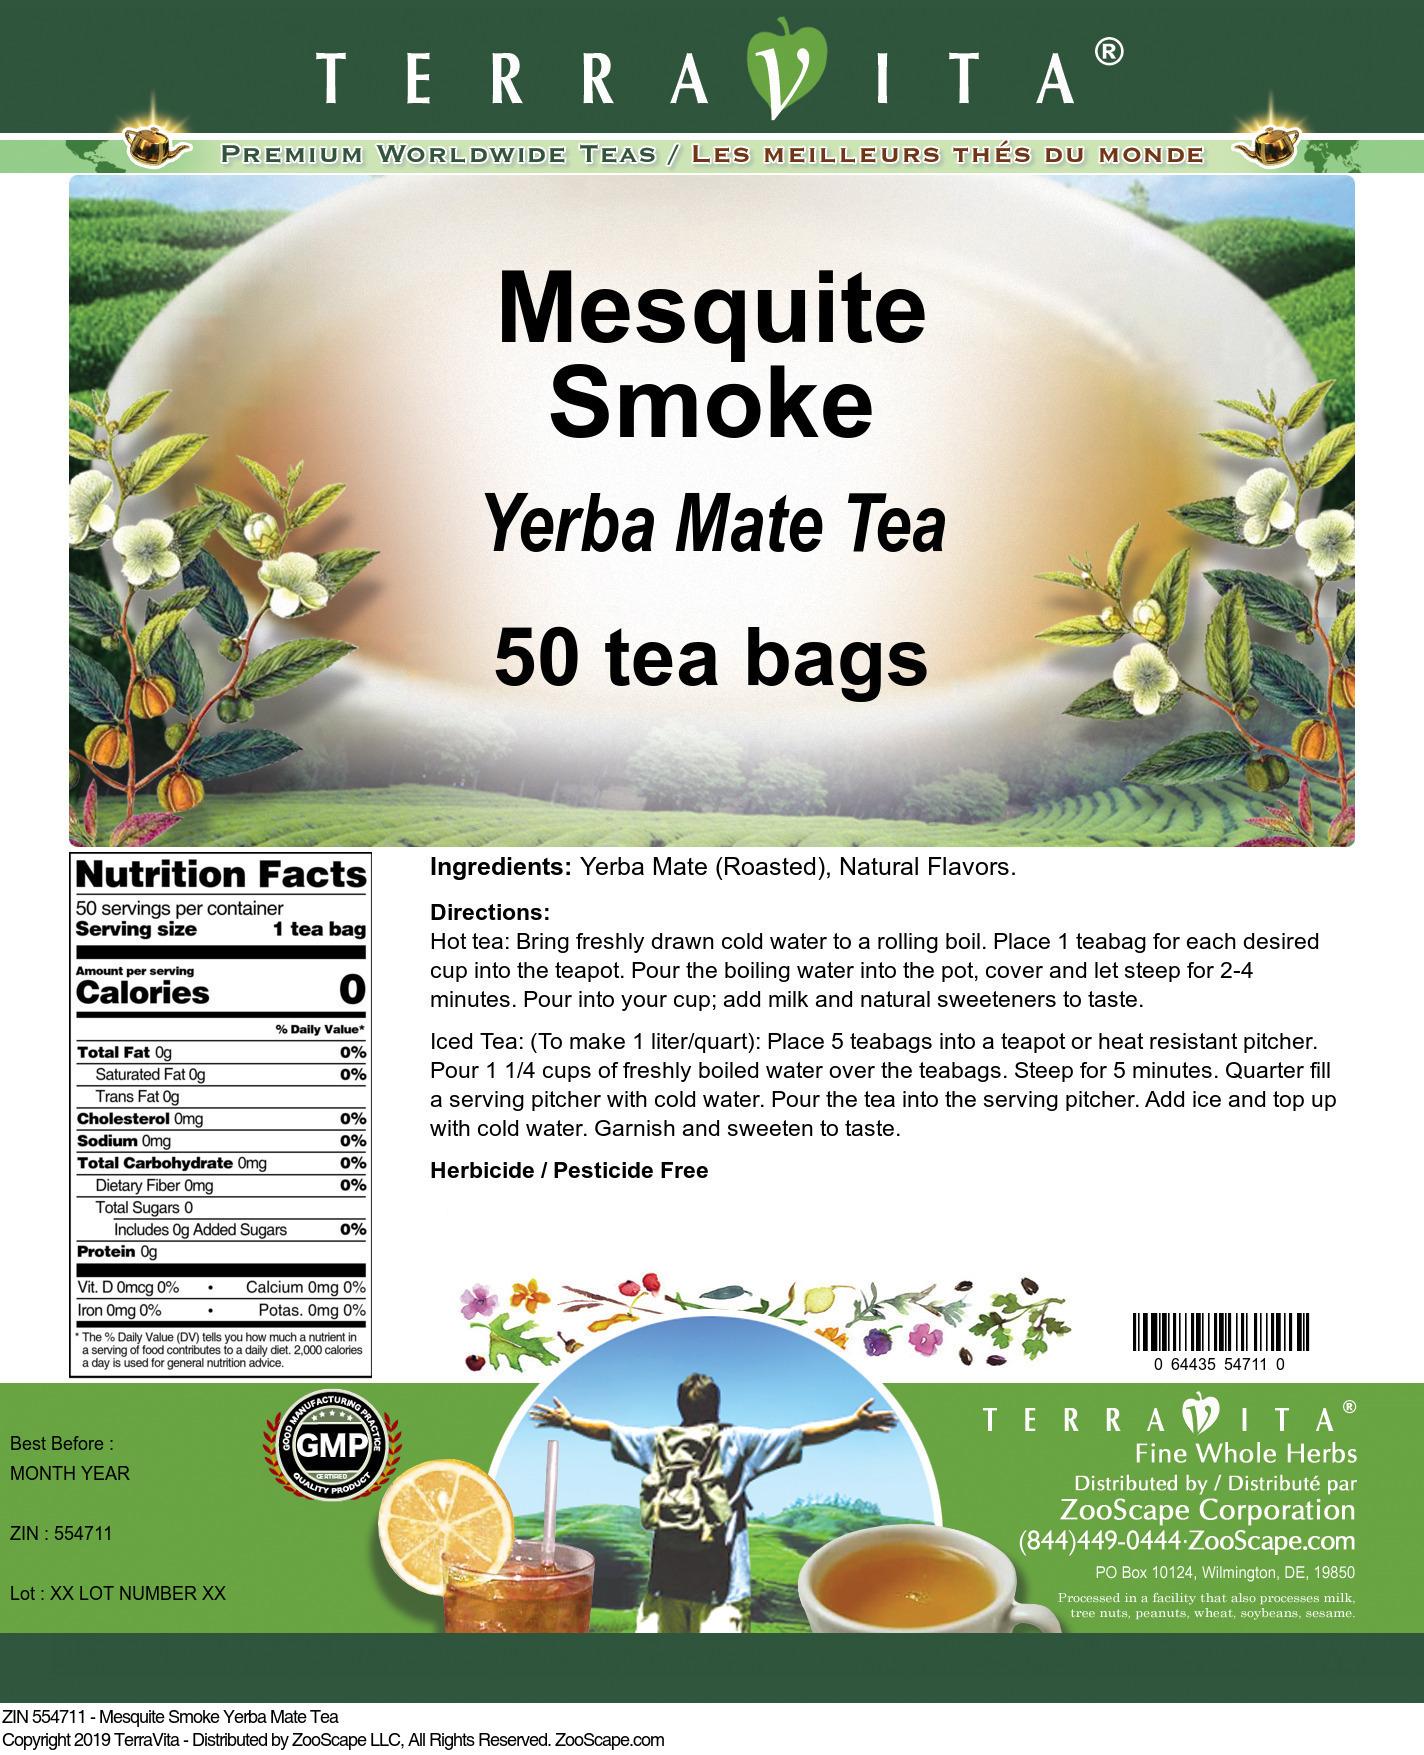 Mesquite Smoke Yerba Mate